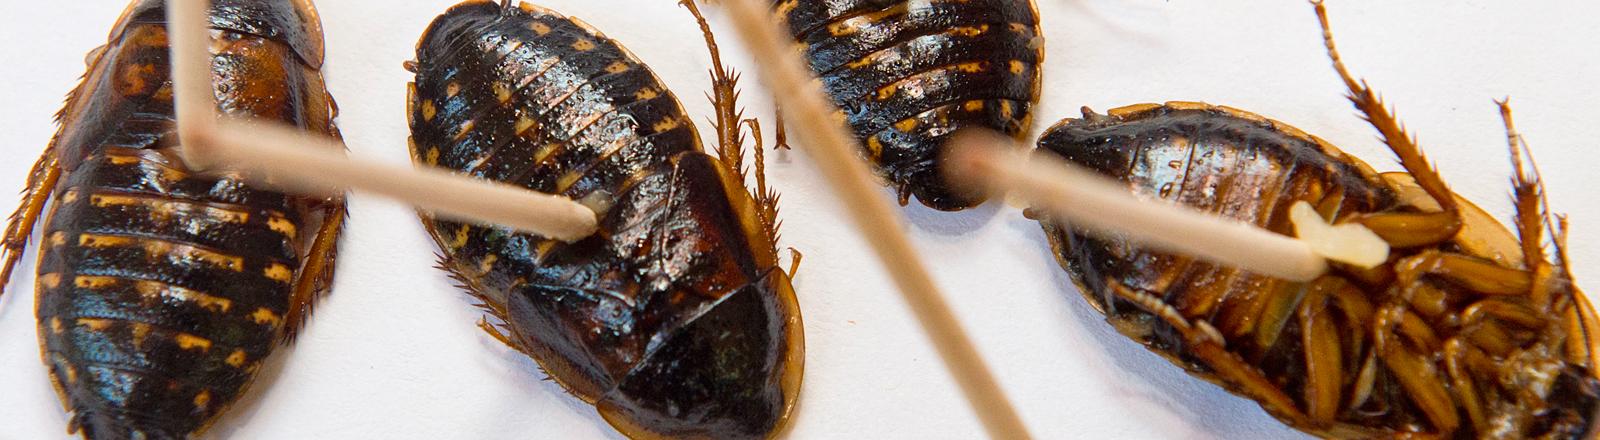 Drei gegrillte Kakerlaken. In zweien stecken Hölzchen, um sie zu verspeisen, Bild: dpa